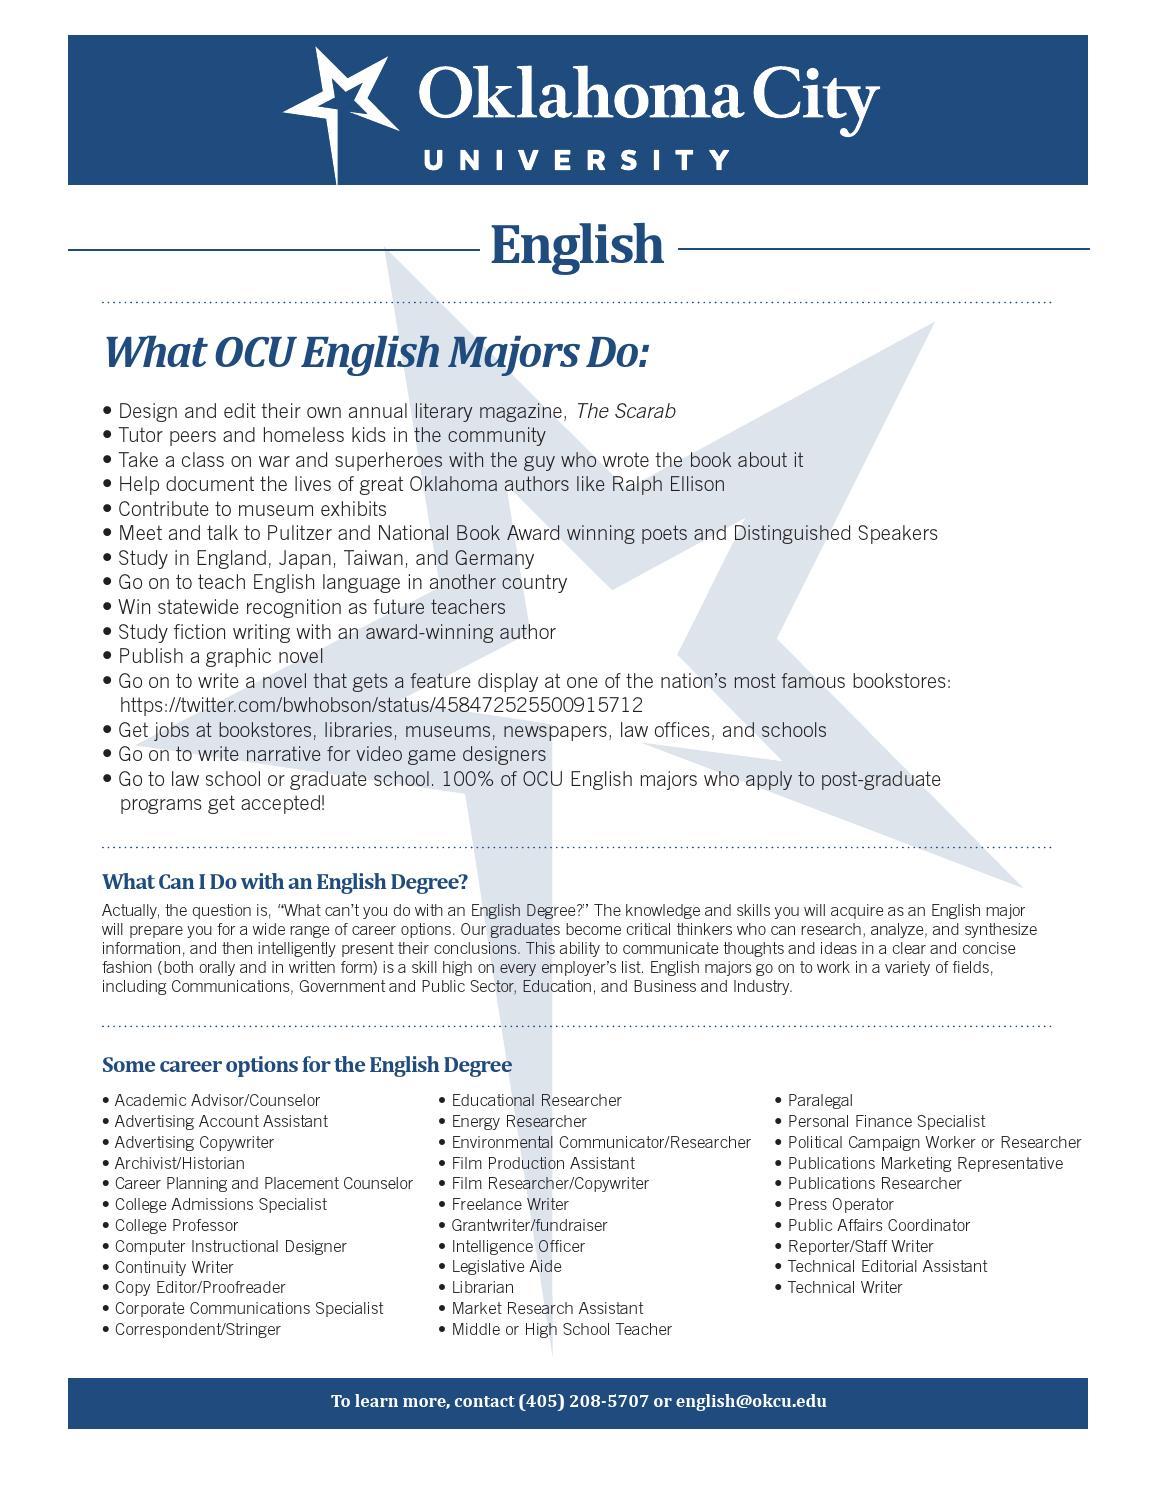 OKCU English